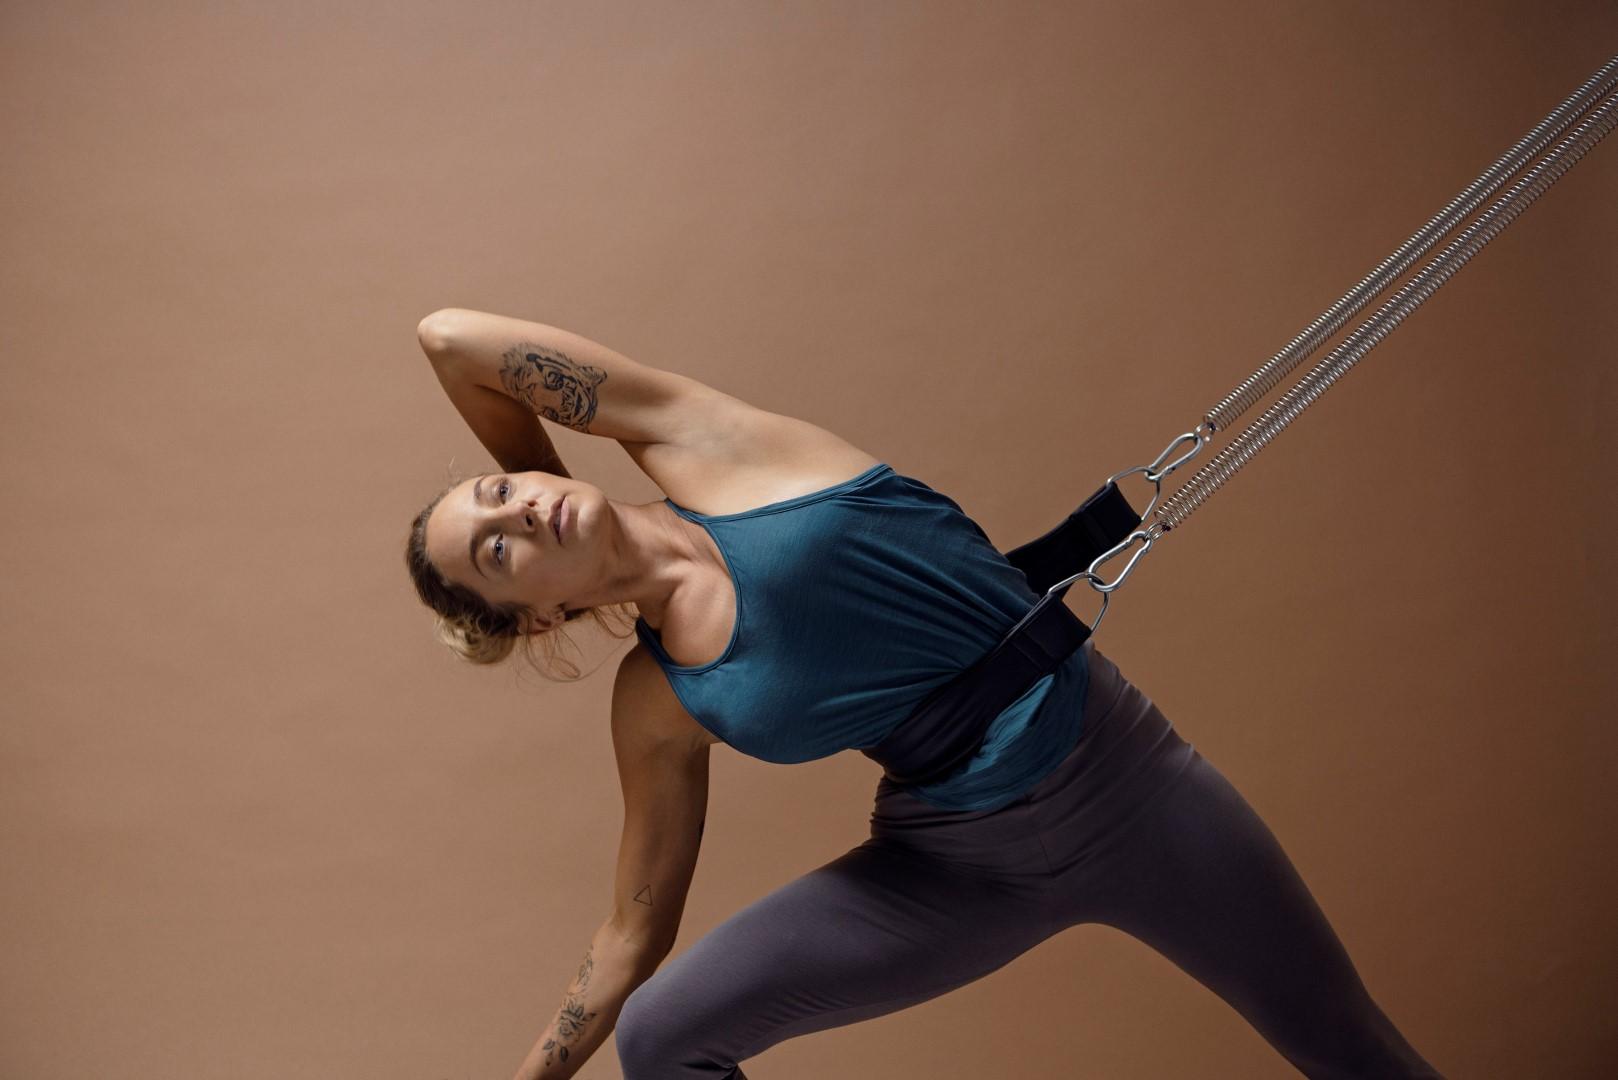 Garuda träning